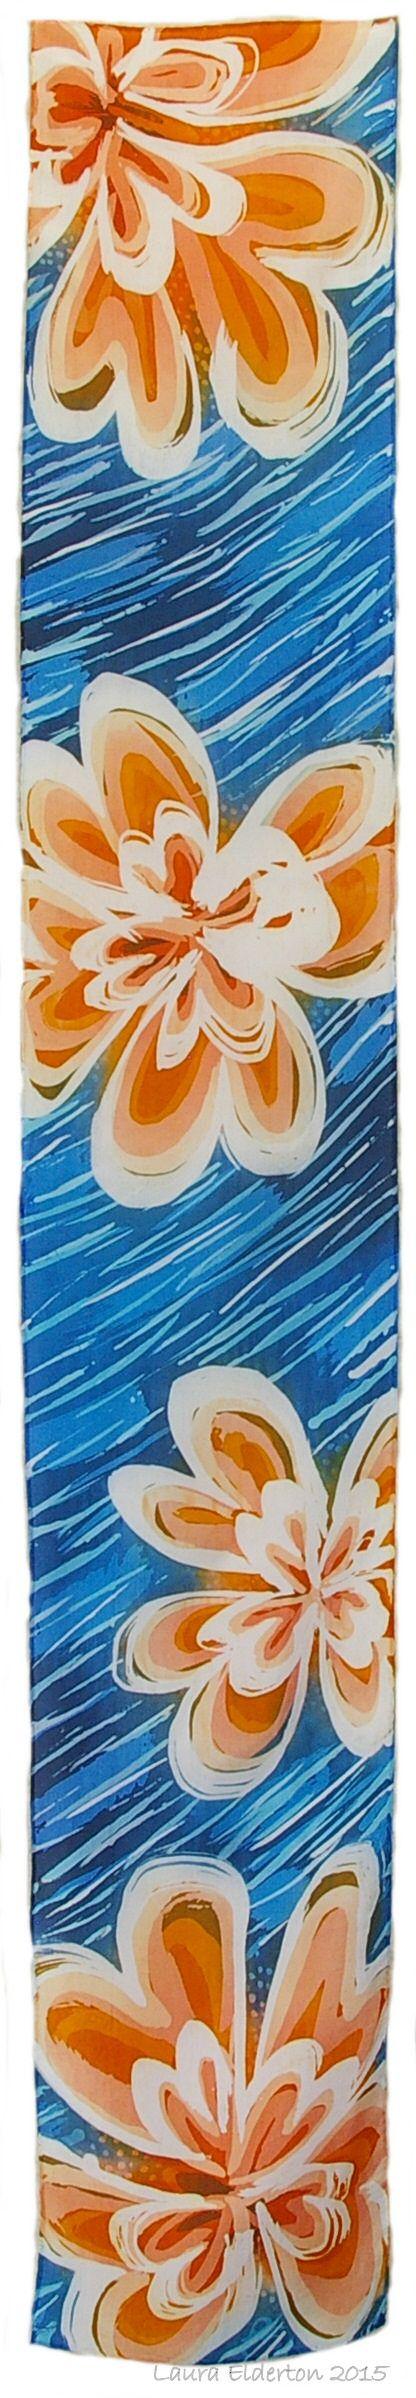 Orange Heart Flowers  - Valentines - Hand Dyed Silk Habotai Scarf by Laura Elderton www.etsy.com/shop/lauraelderton